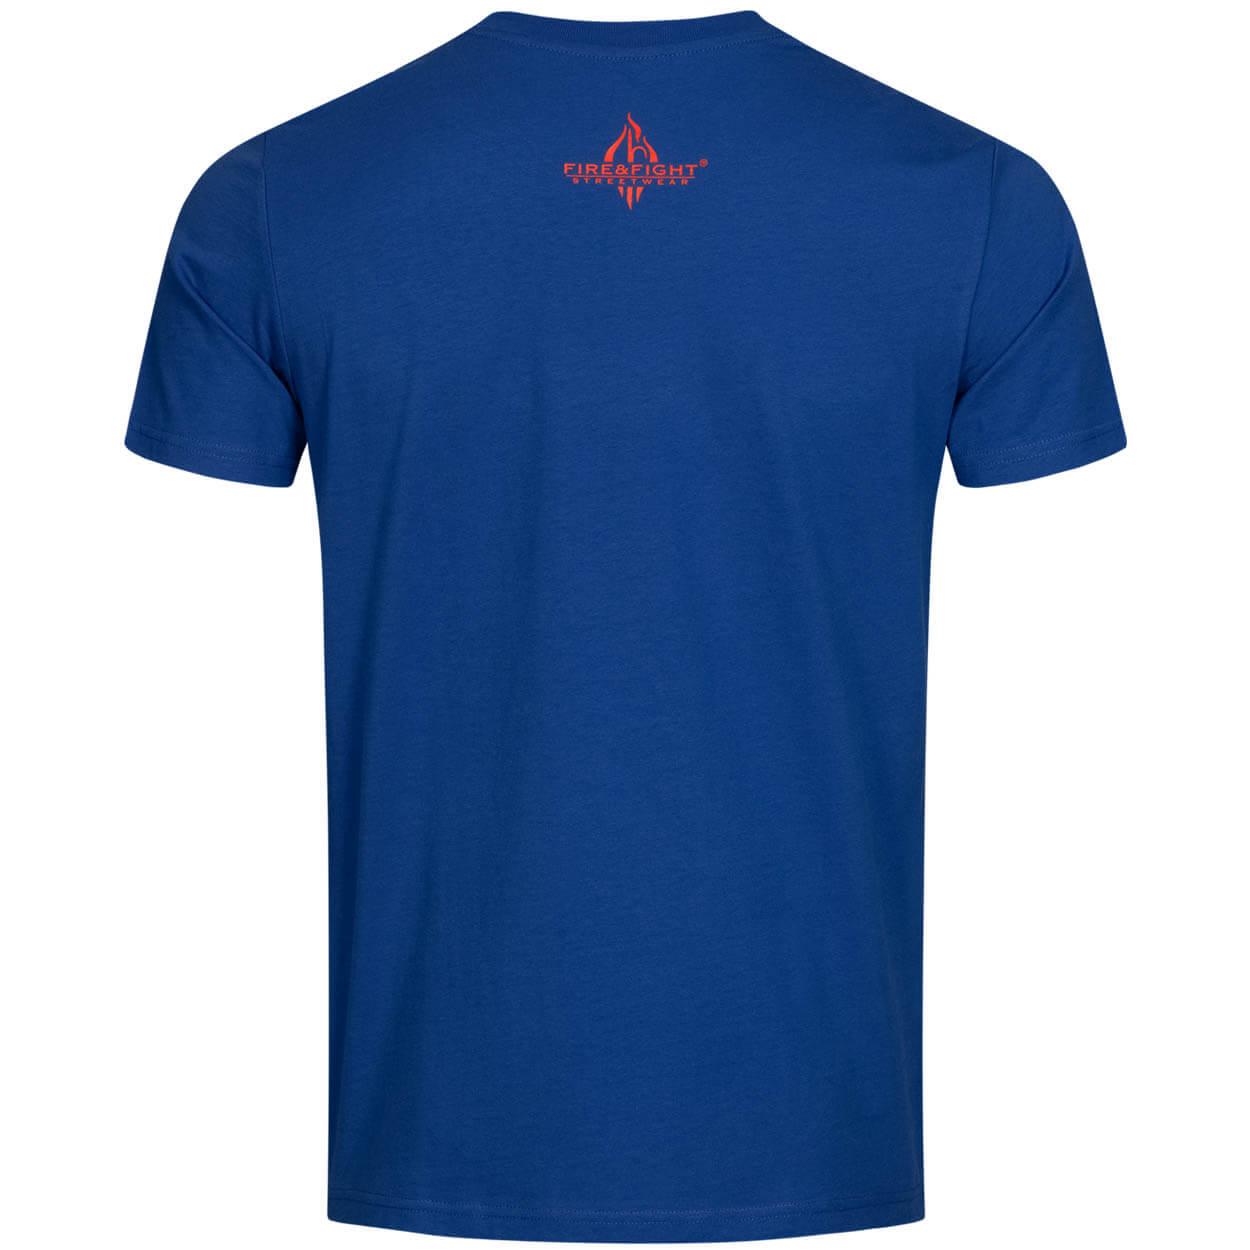 Feuerwehr, die etwas andere Familie - Männer T-Shirt blau